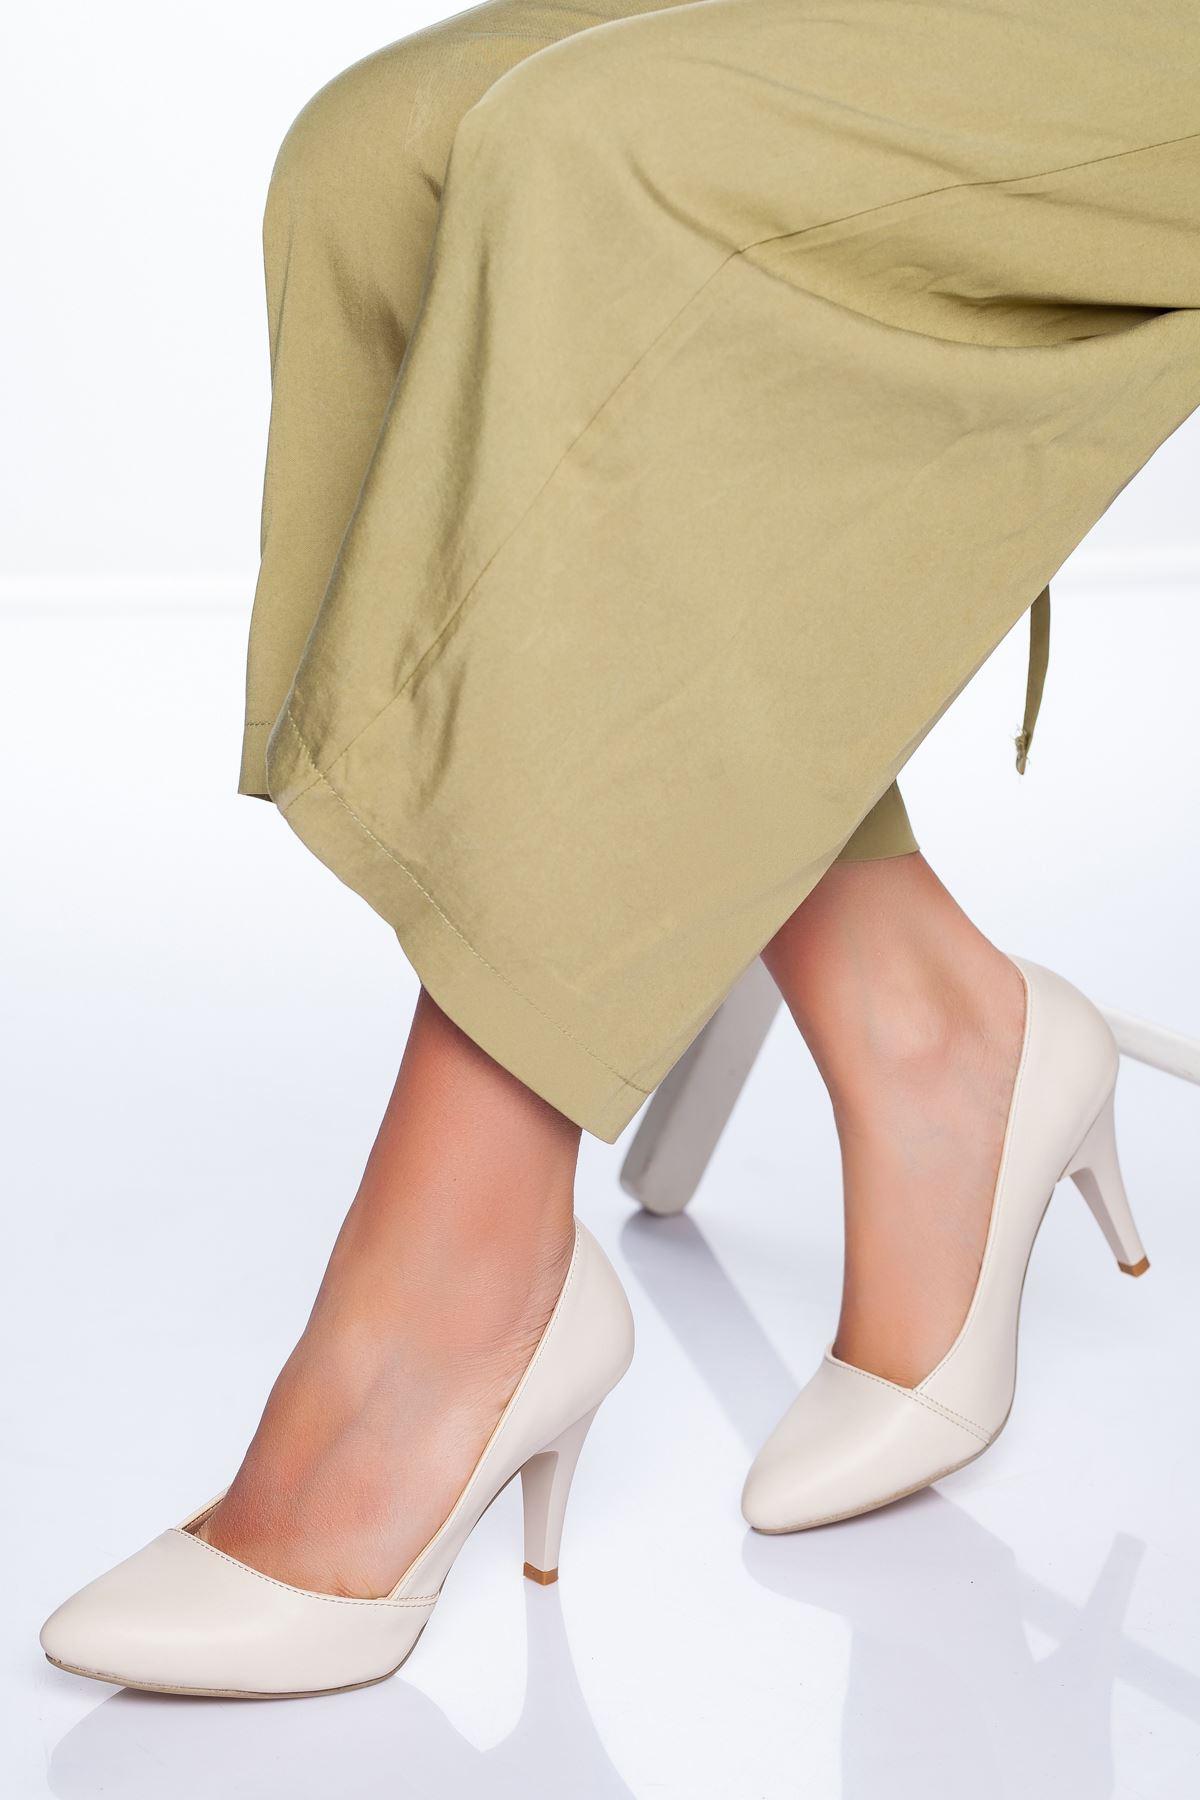 Vonne Topuklu Ayakkabı TEN CİLT